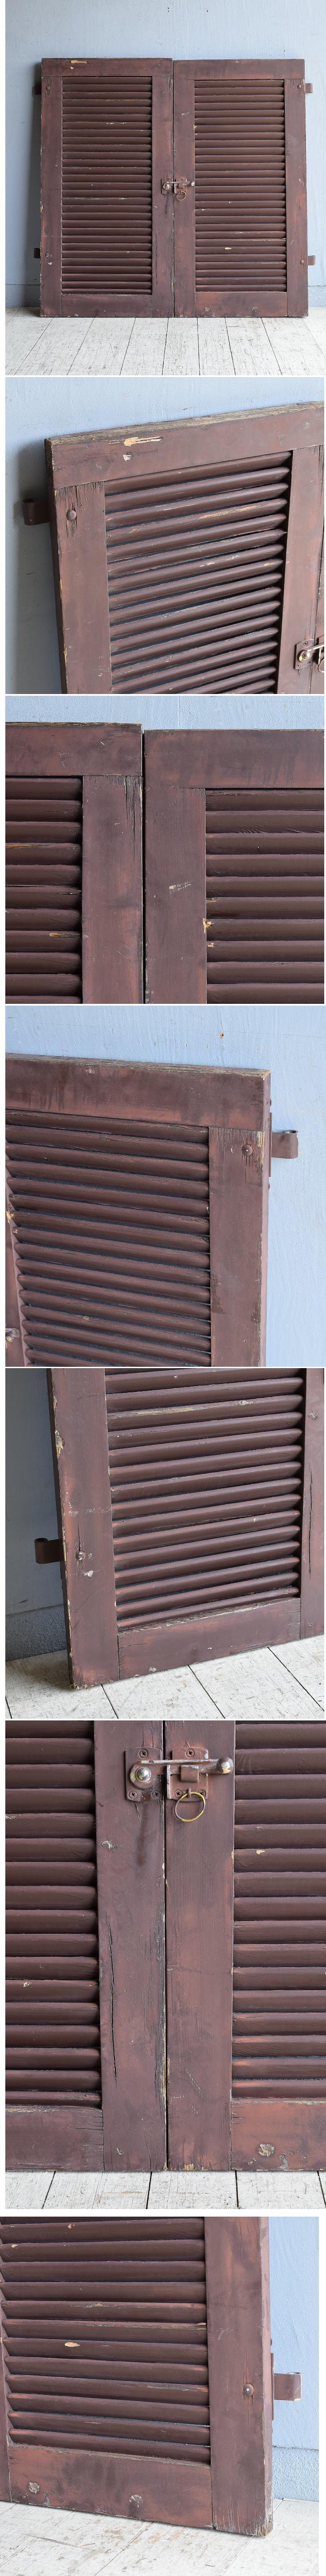 ドイツ製 アンティーク 木製ルーバー雨戸×2  ディスプレイ 建具 8613